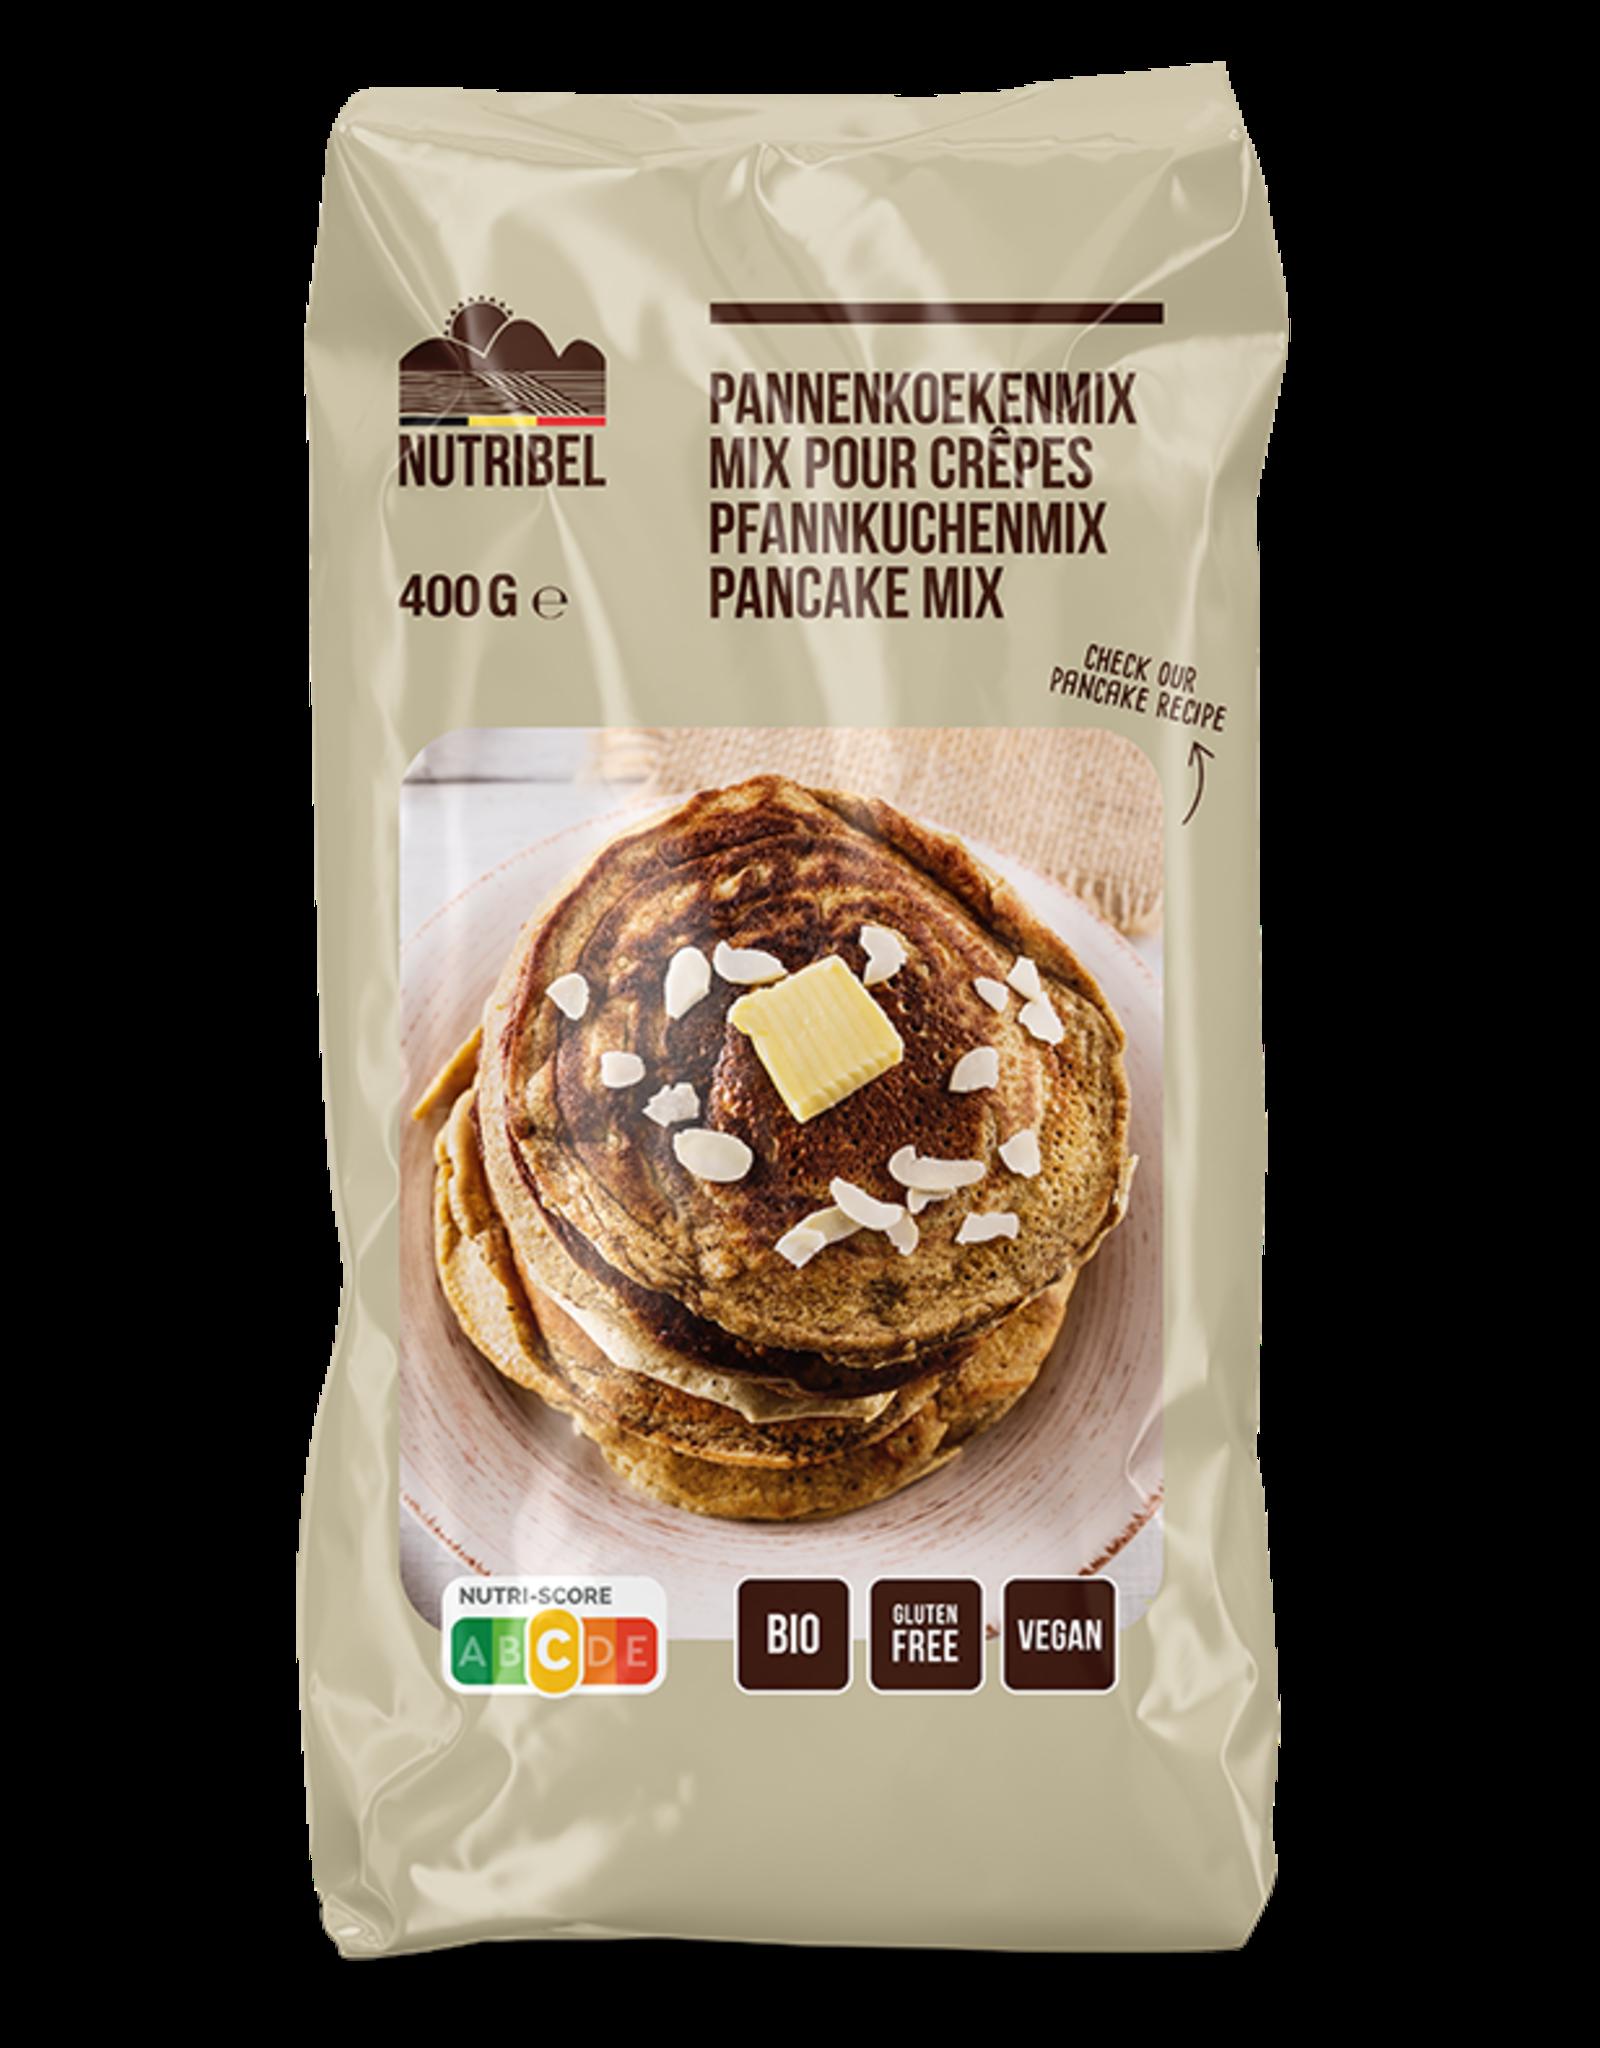 Nutribel Pannenkoekenmix bio & glutenvrij 400g